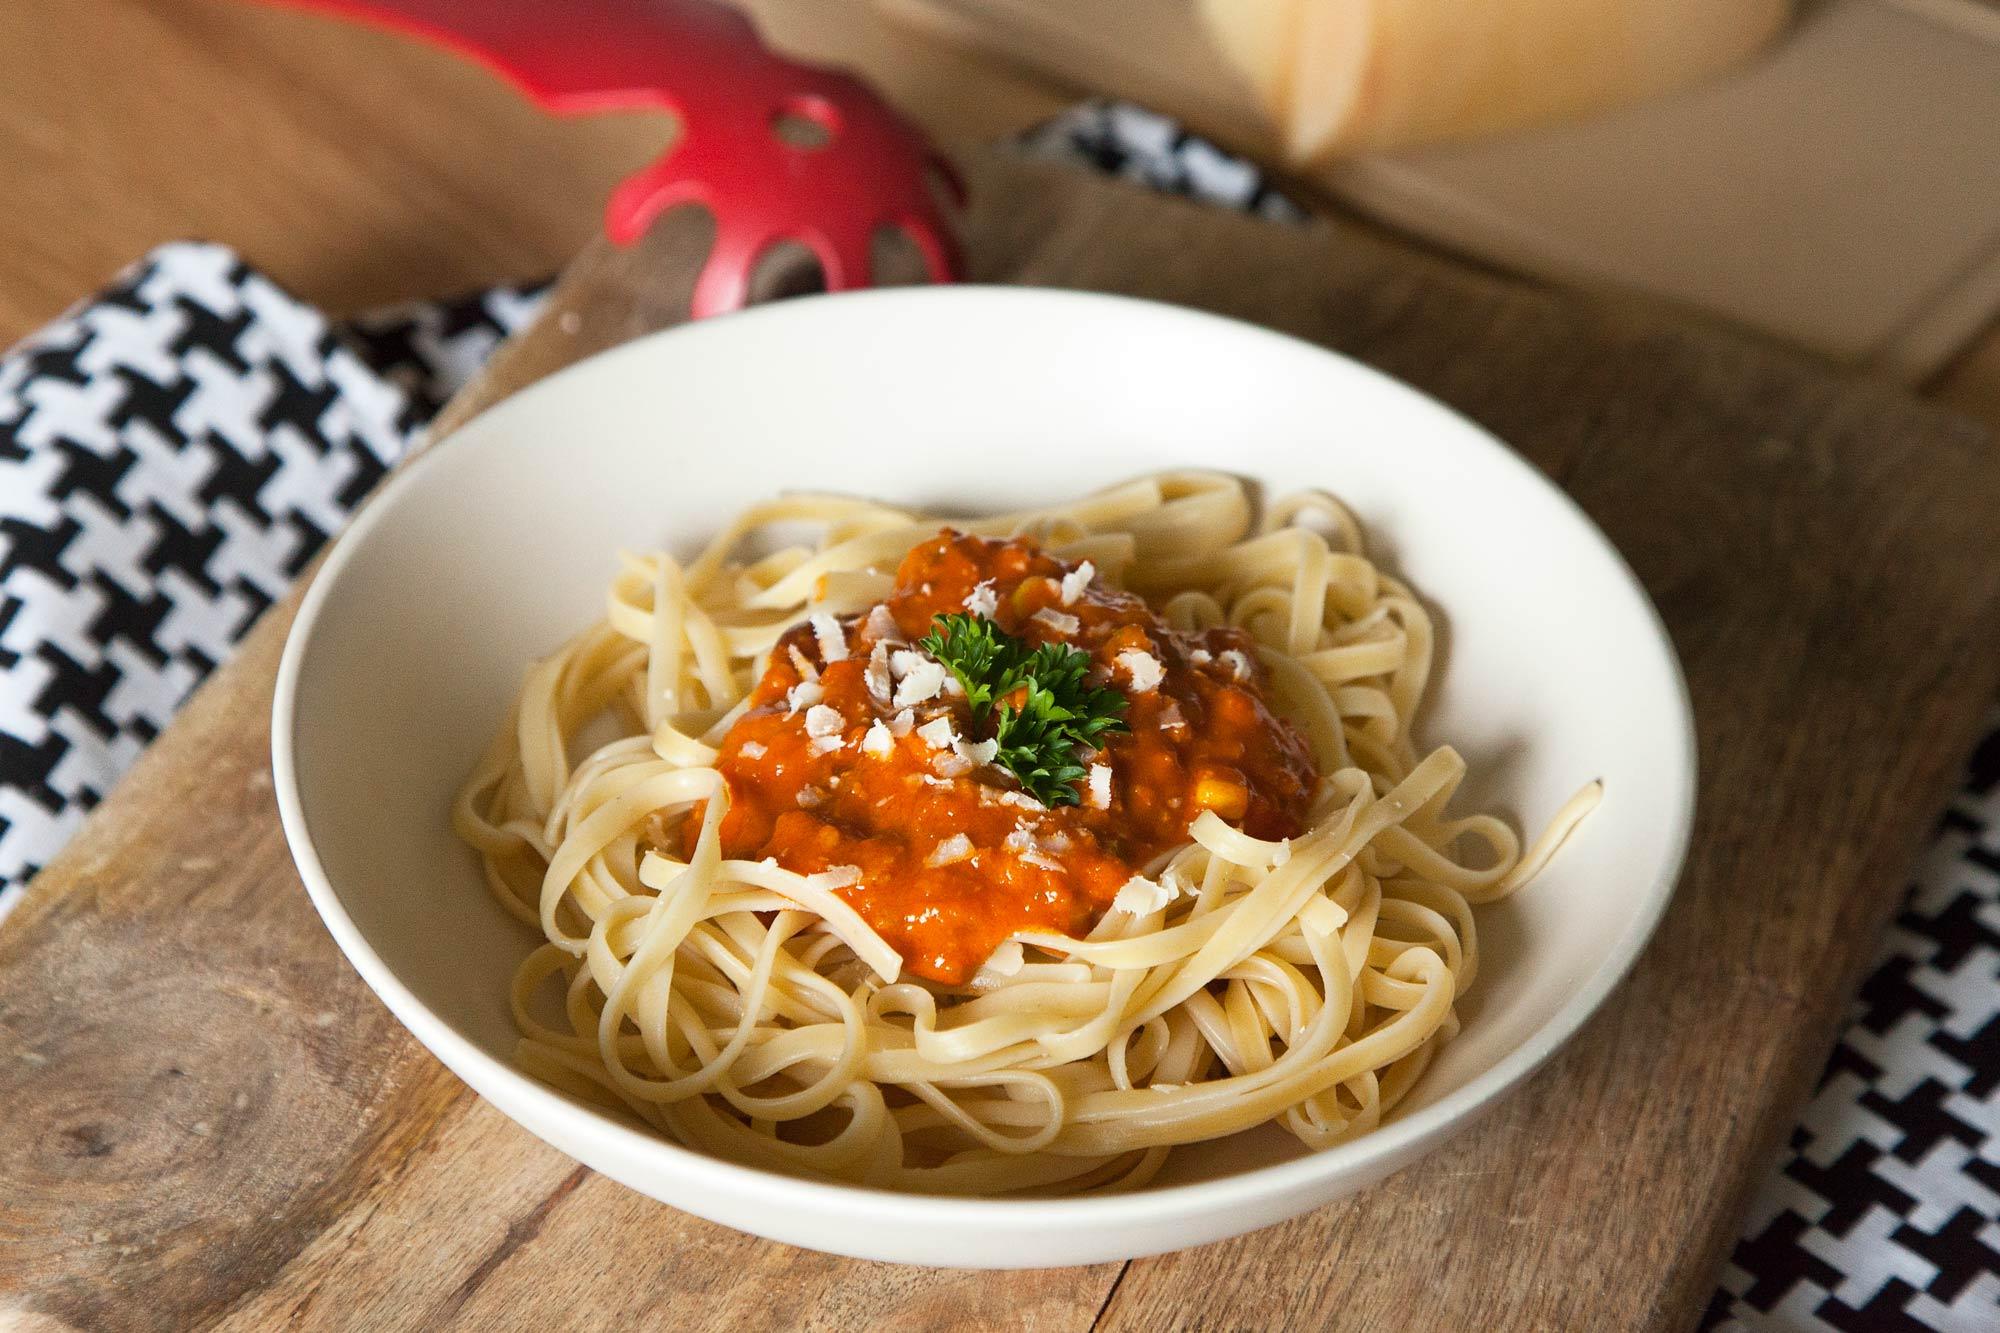 Špageti bolognese po vegetarijansko